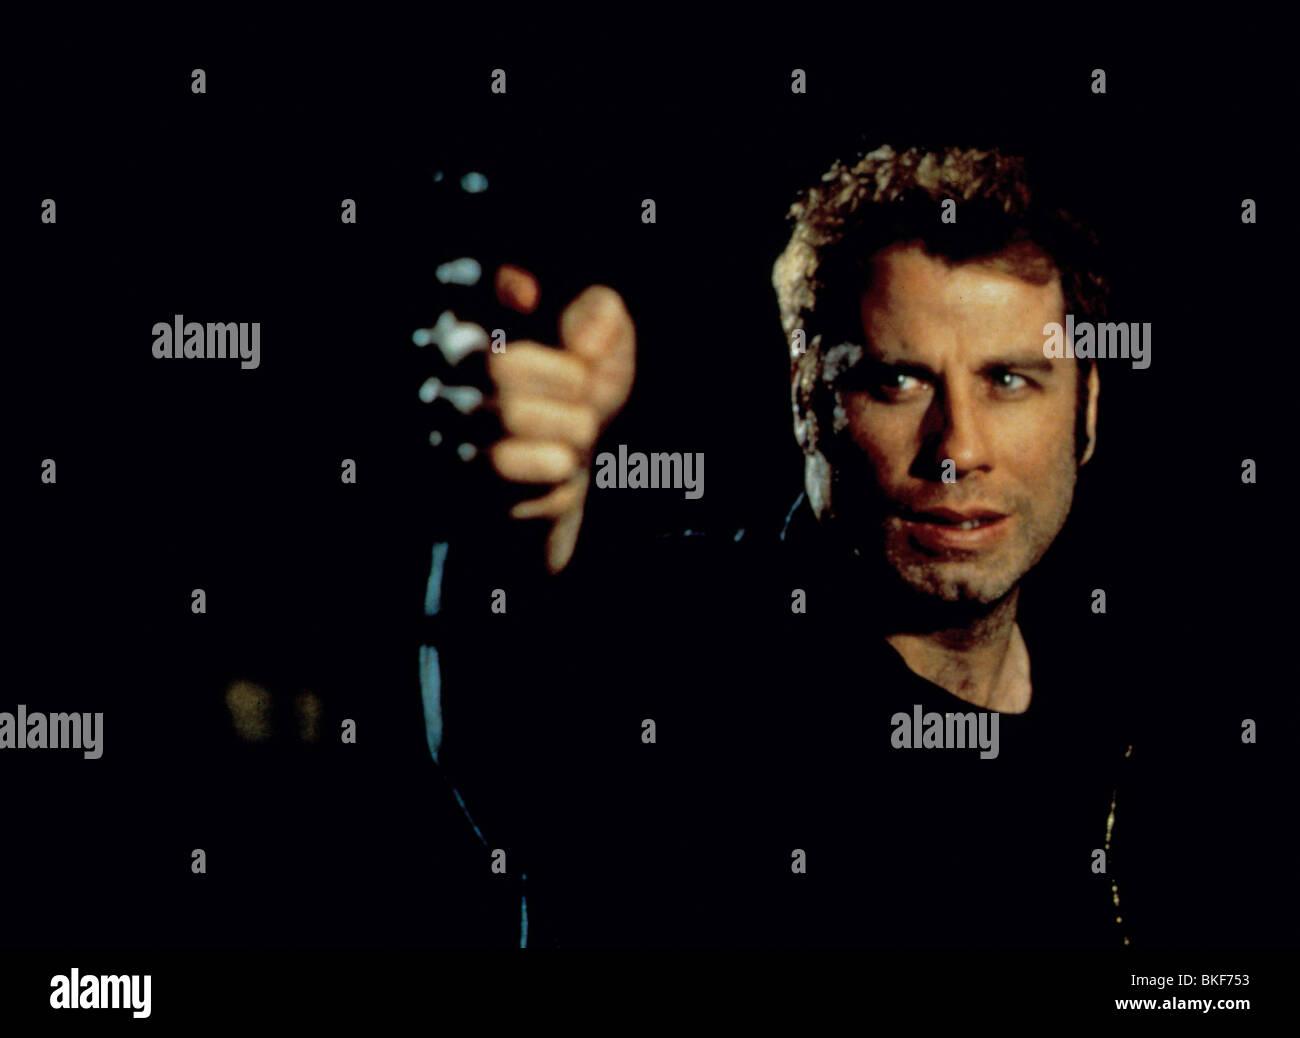 WHITE MAN'S BURDEN (1995) JOHN TRAVOLTA WMB 002 - Stock Image